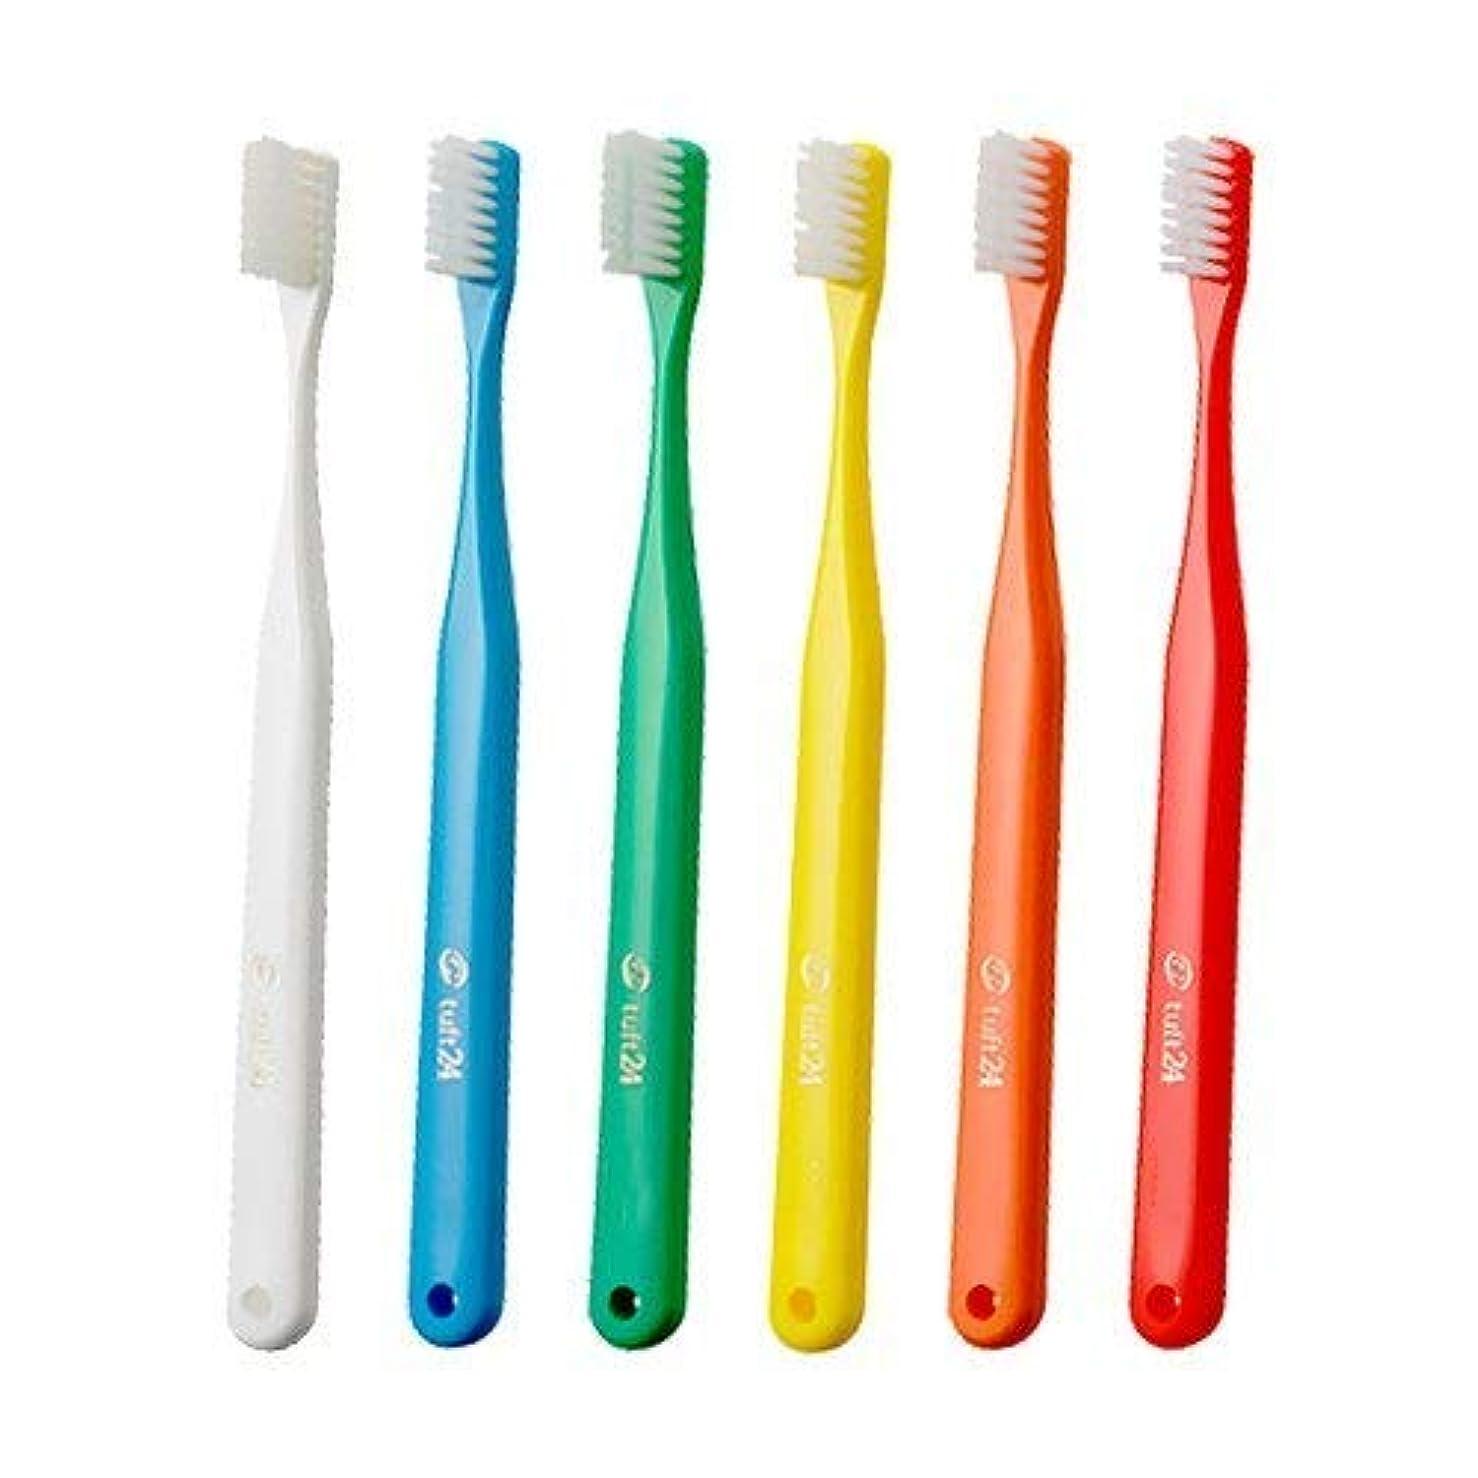 女王からかうこどもの日オーラルケア キャップなし タフト24 歯ブラシ × 10本 (S)